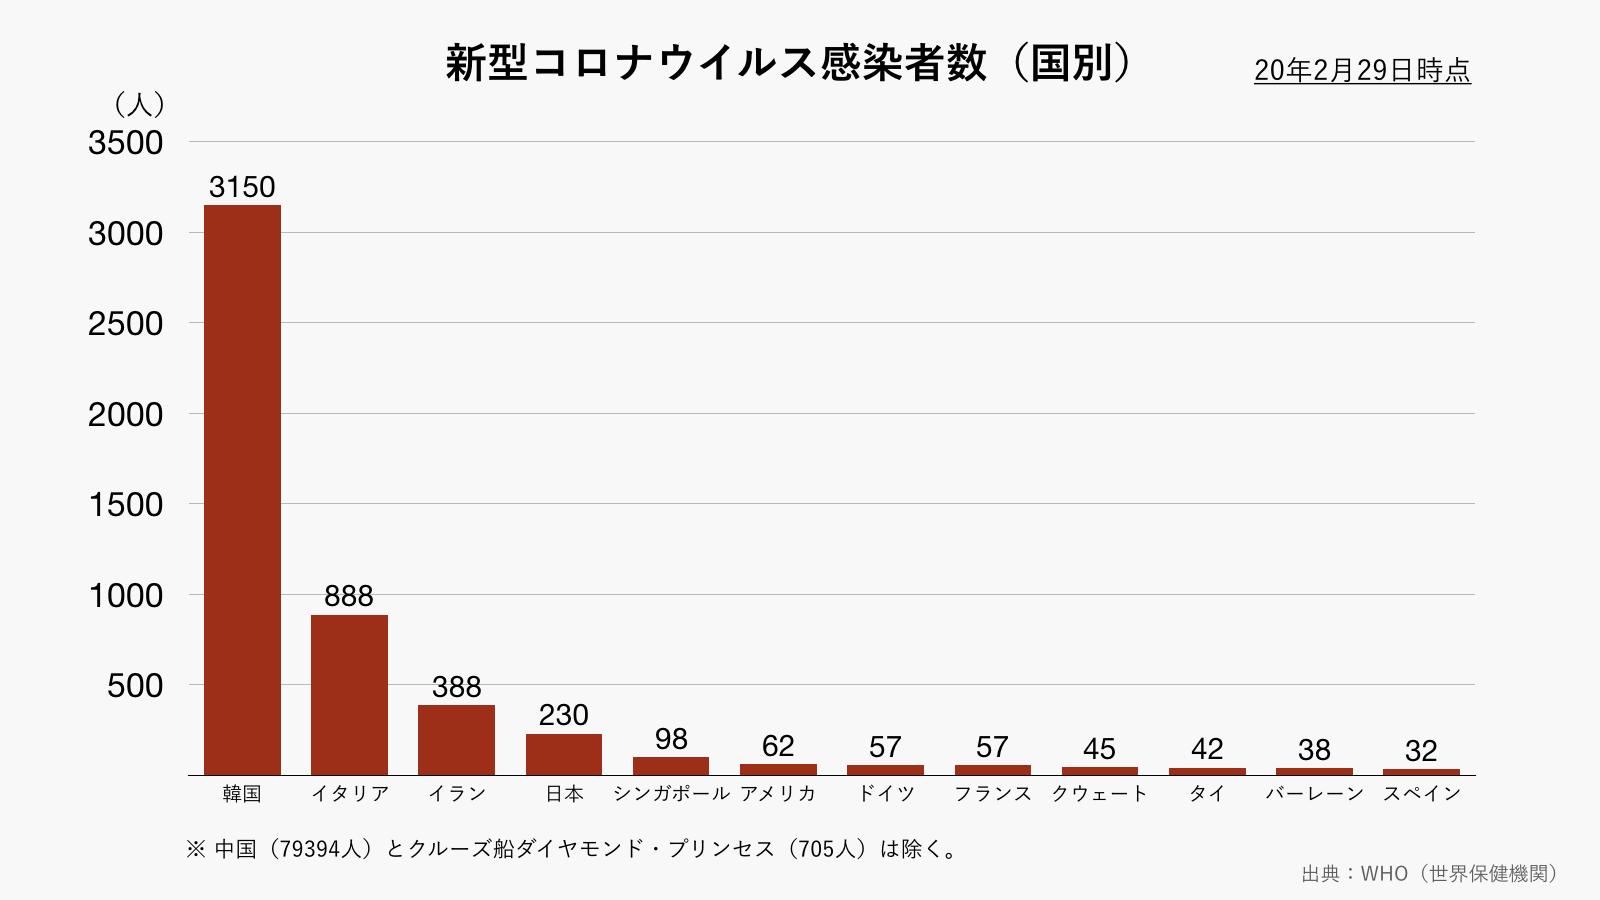 新型コロナウイルスの国別感染者数(グレー)